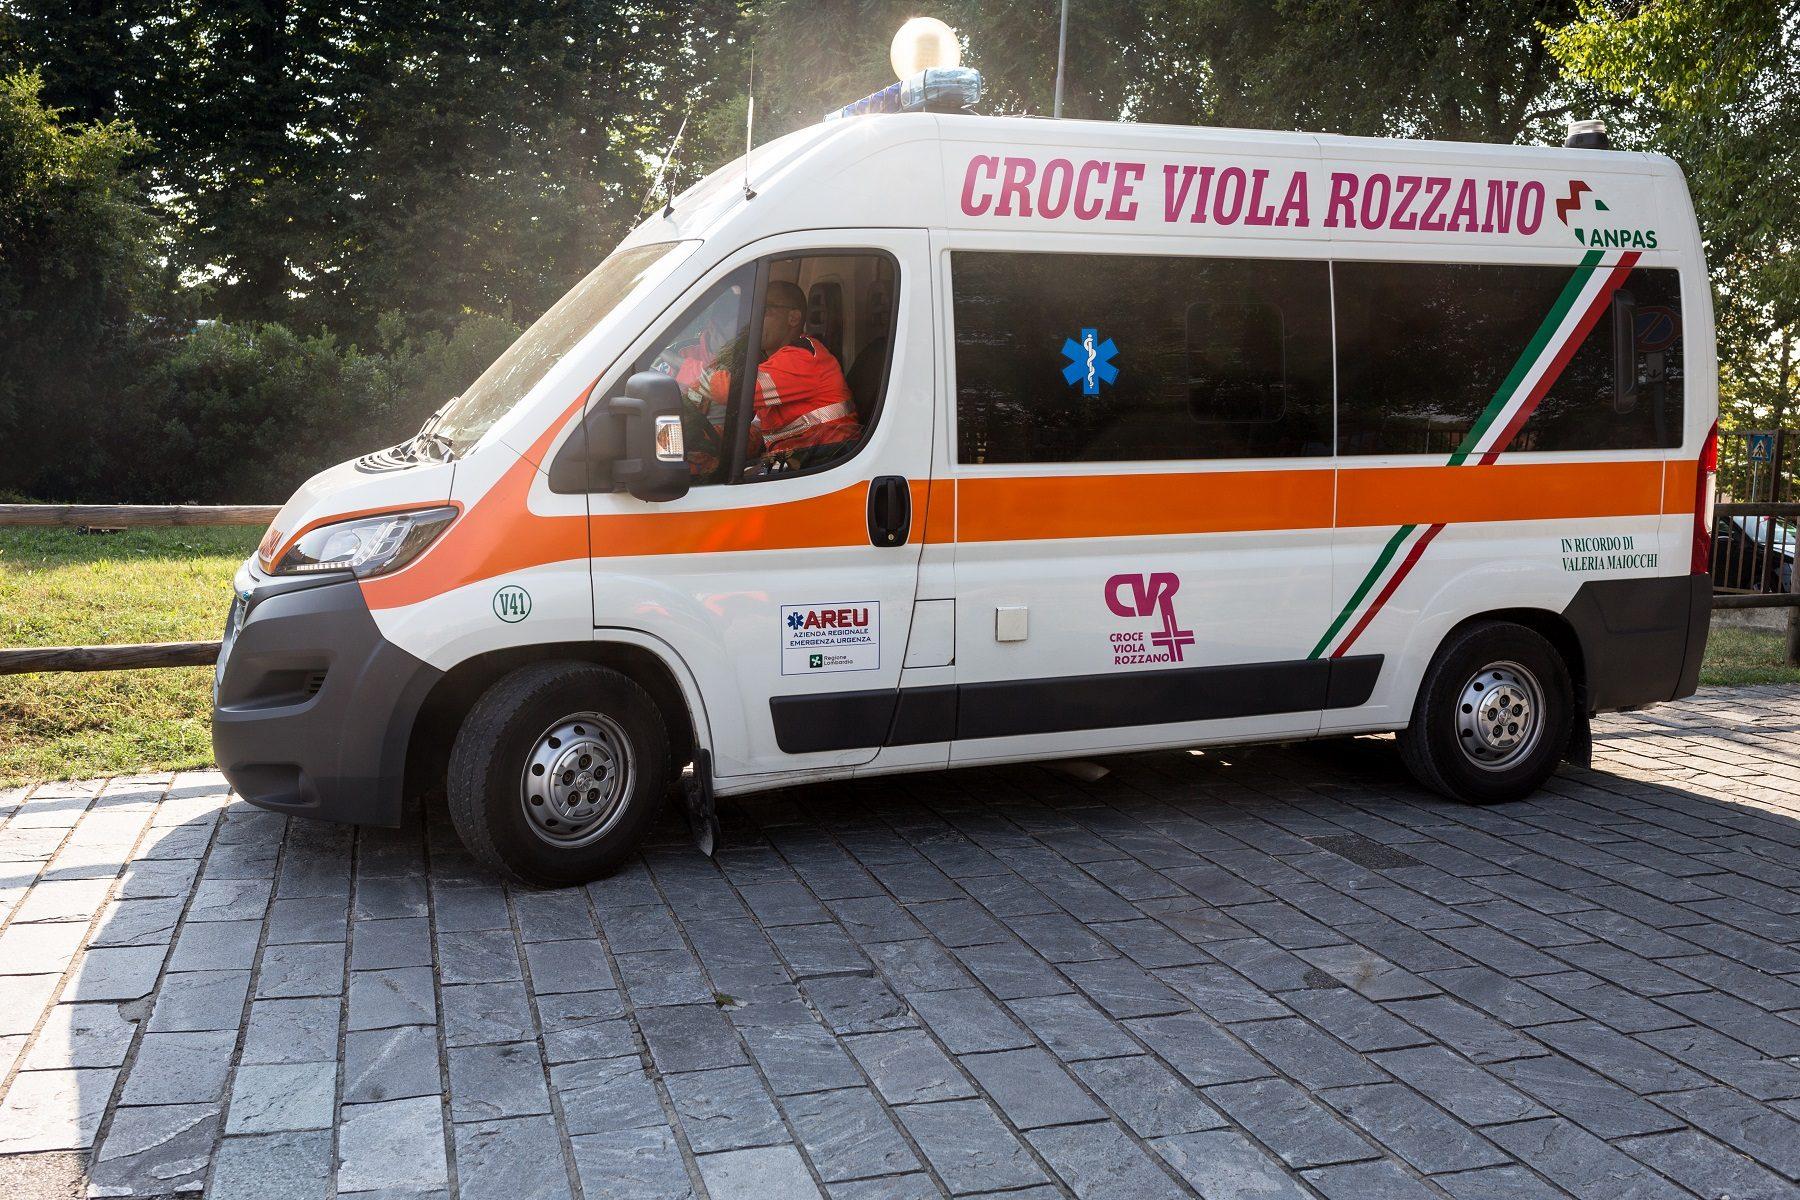 Ambulanza V41 della Croce Viola Rozzano